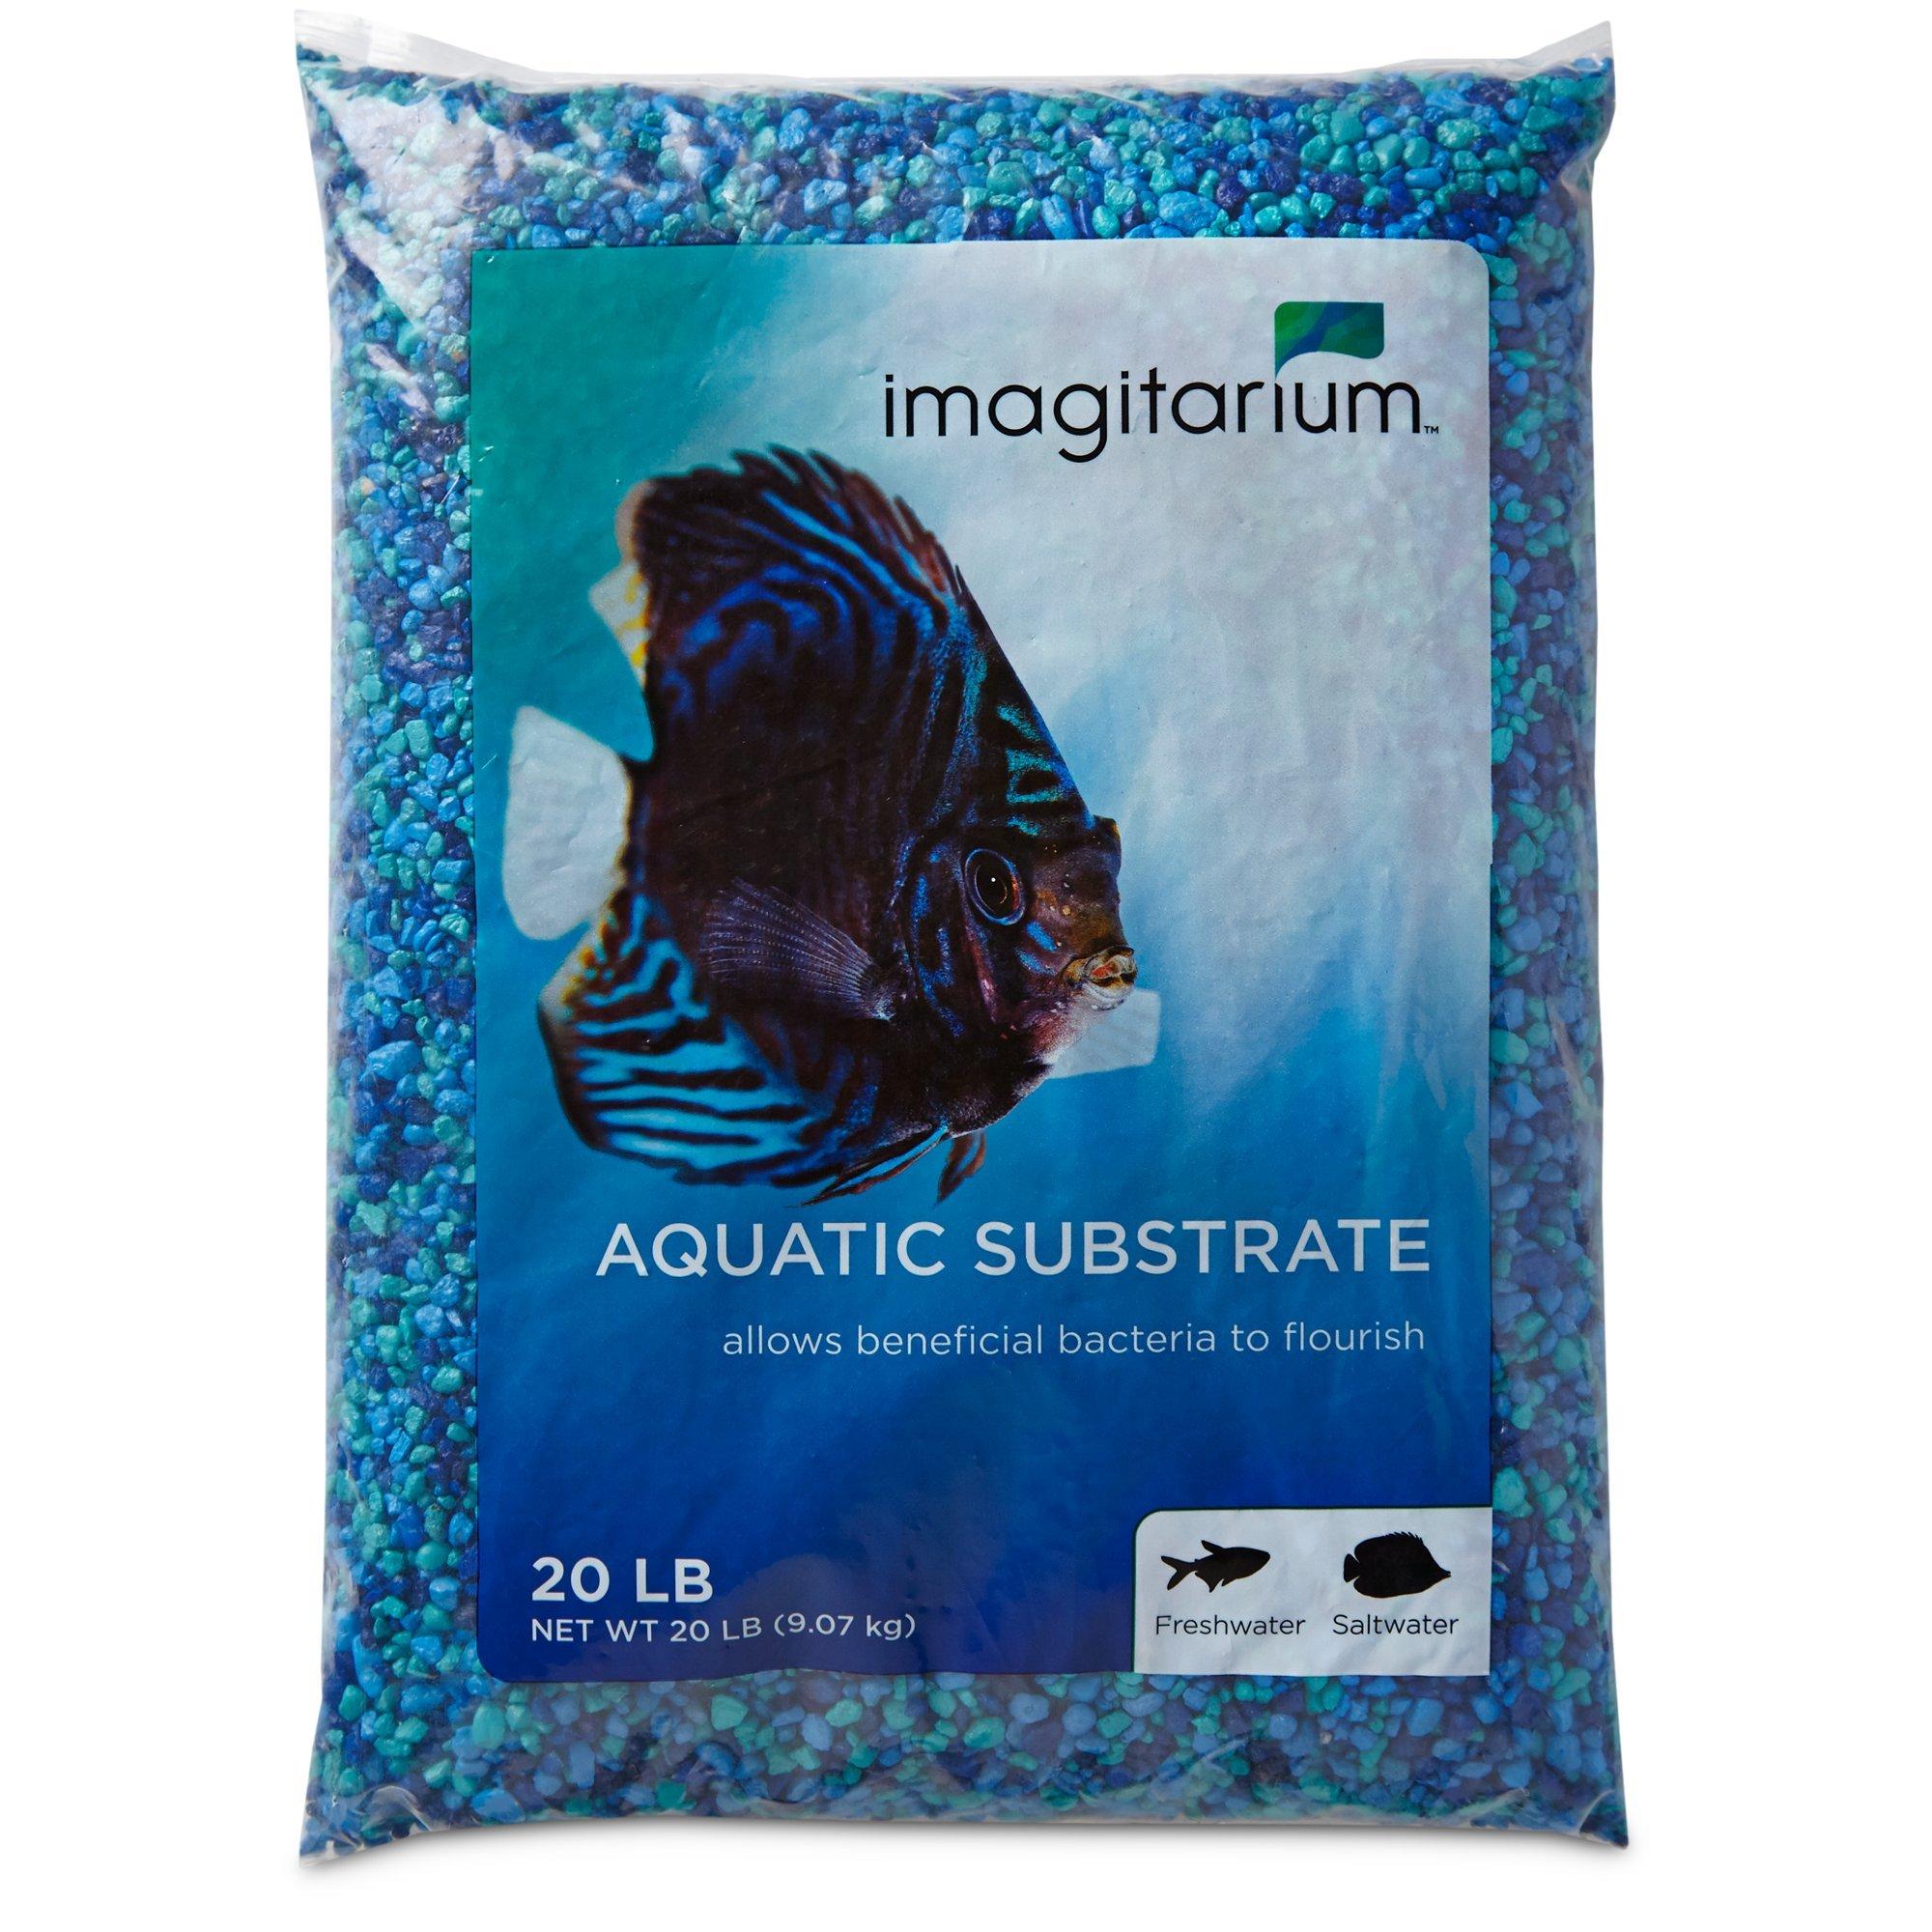 Imagitarium Blue Jean Aquarium Gravel, 20 LBS by Imagitarium